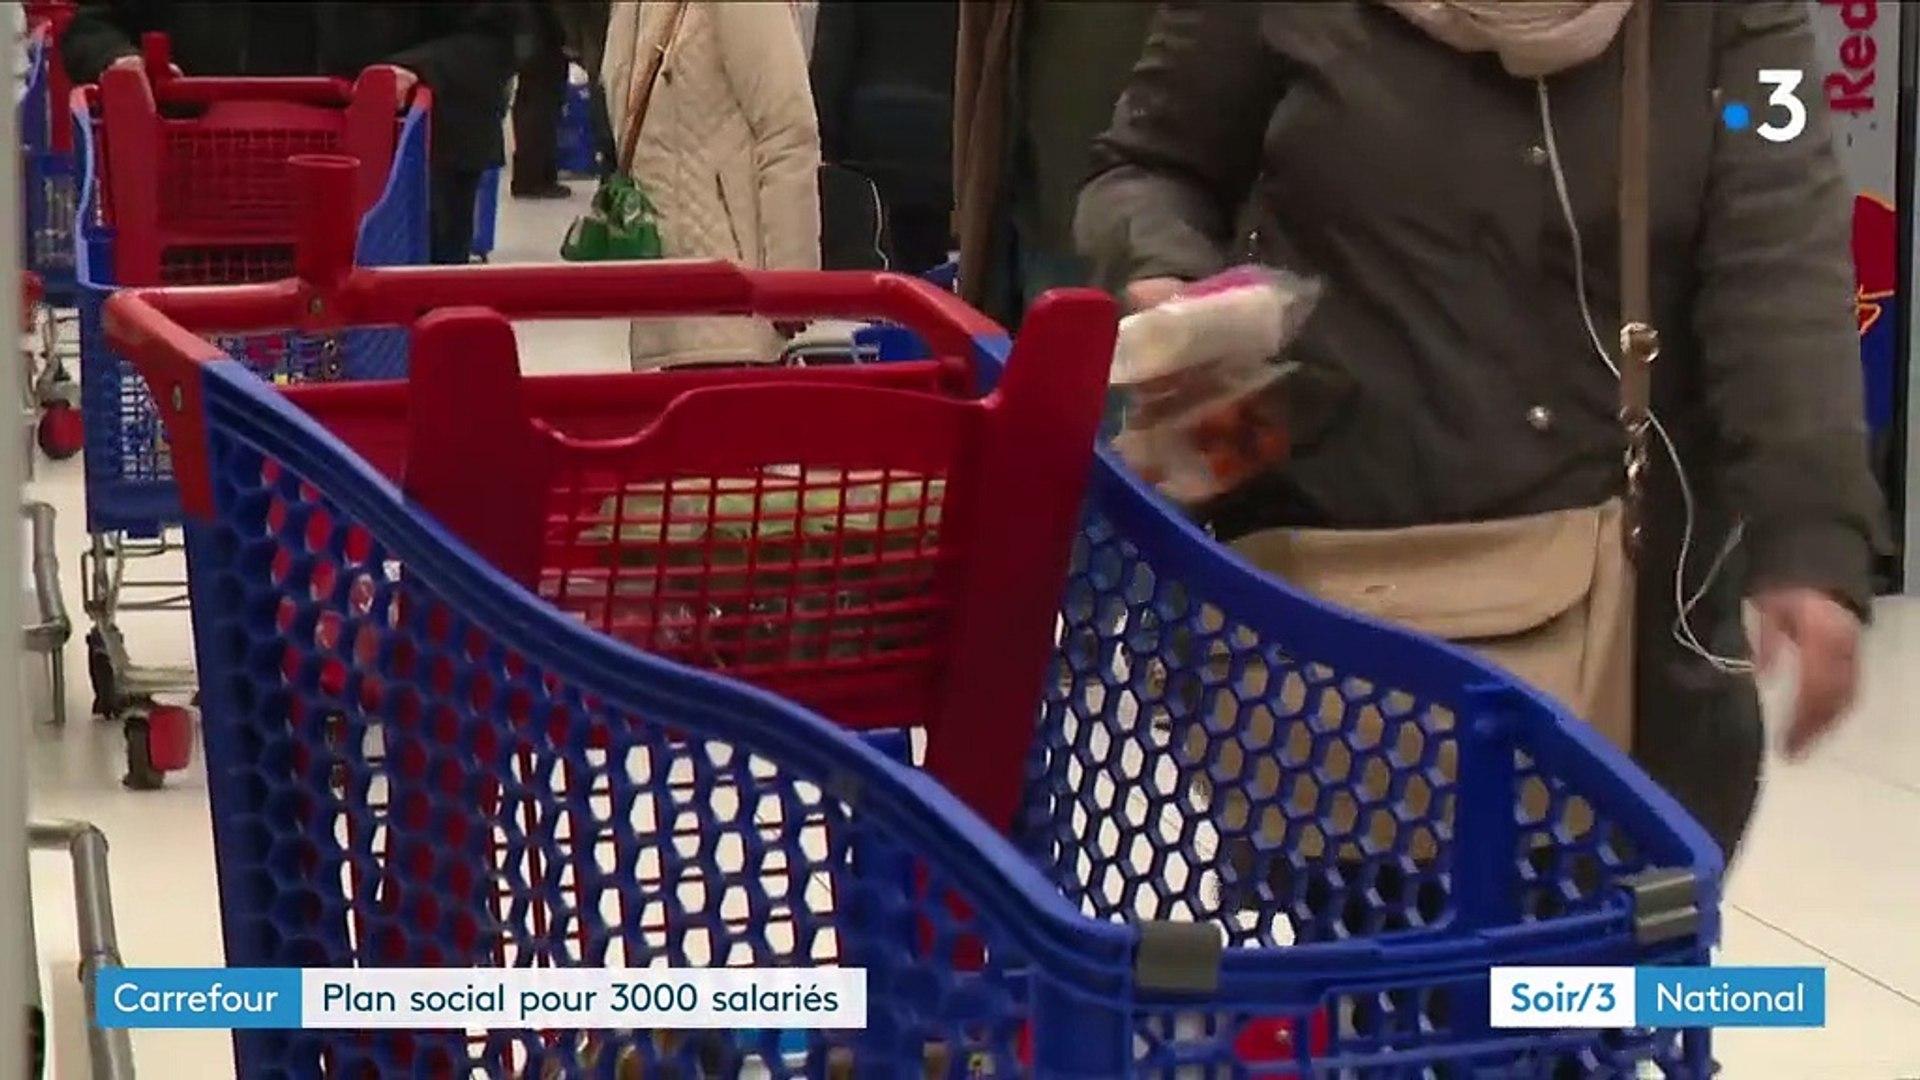 Carrefour Un Plan Social Annoncé Pour 3 000 Salariés